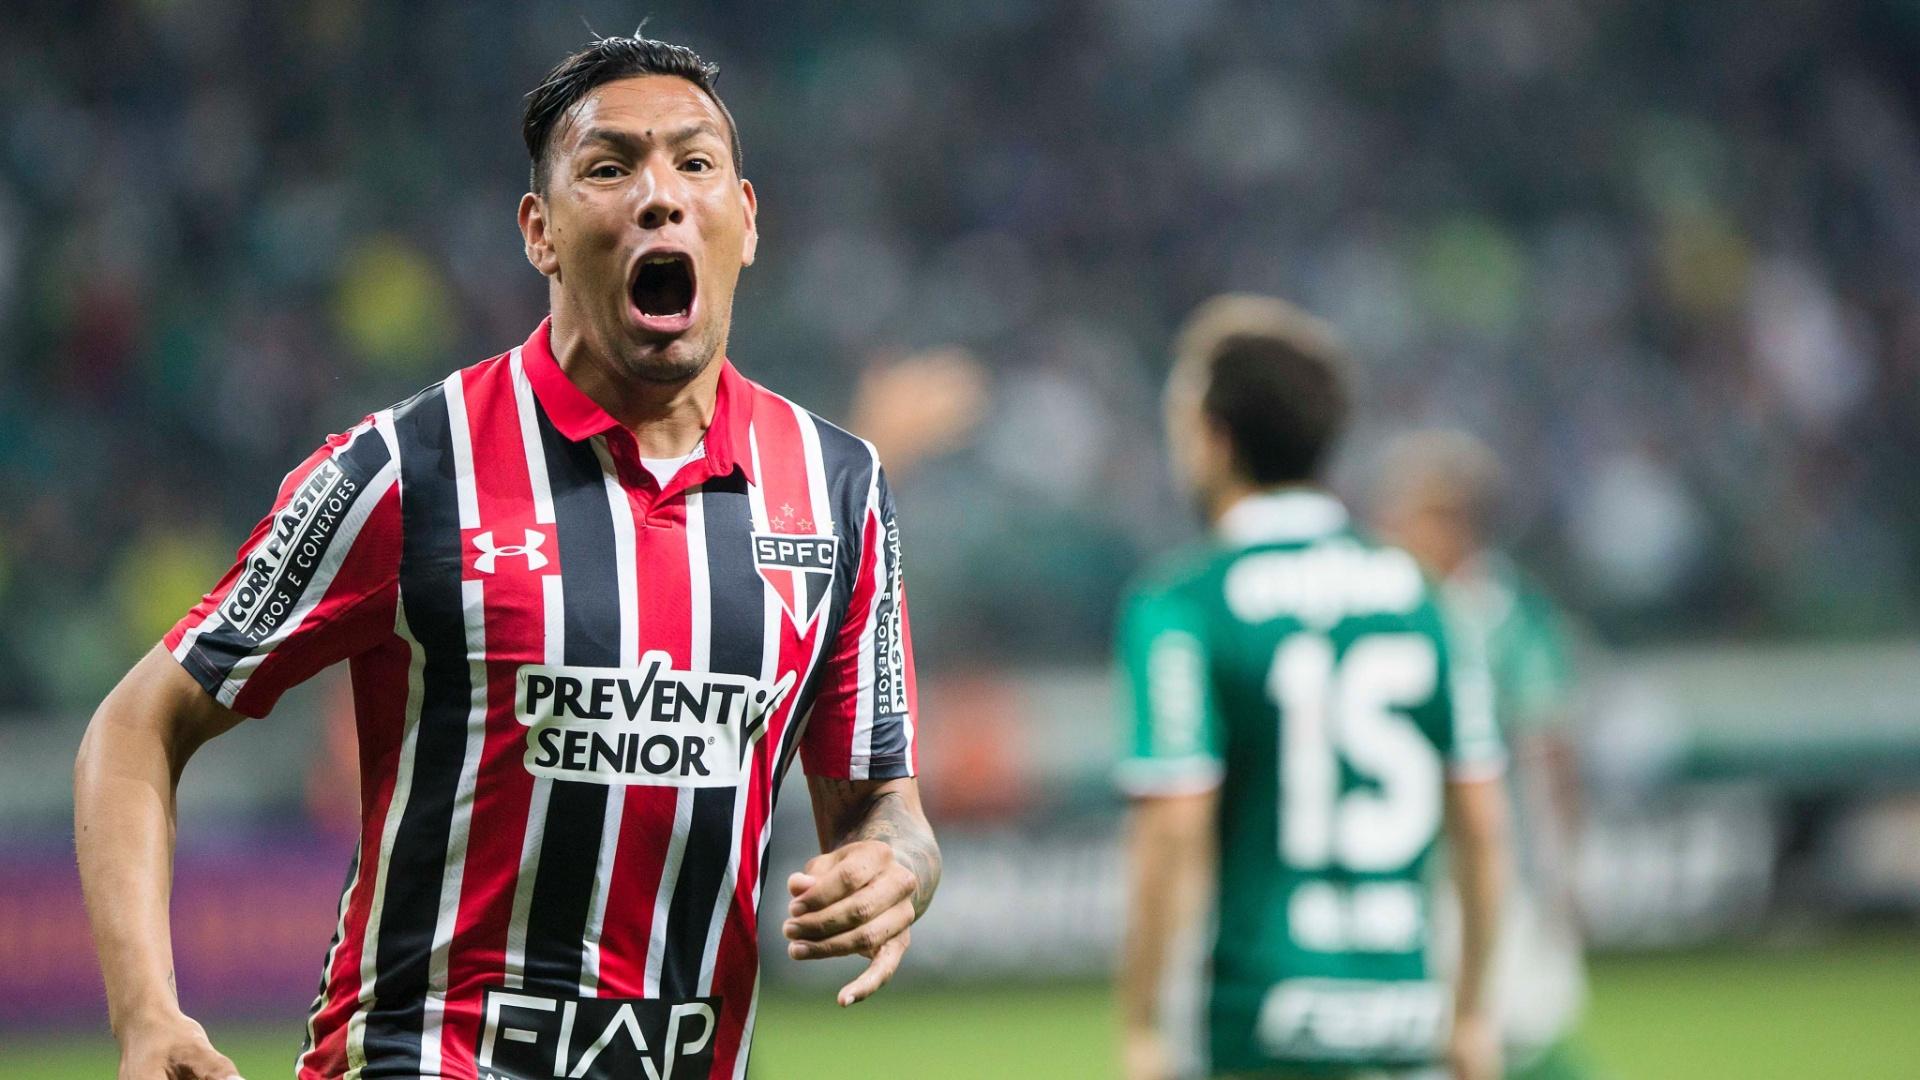 Chávez comemora gol marcado para o São Paulo contra o Palmeiras